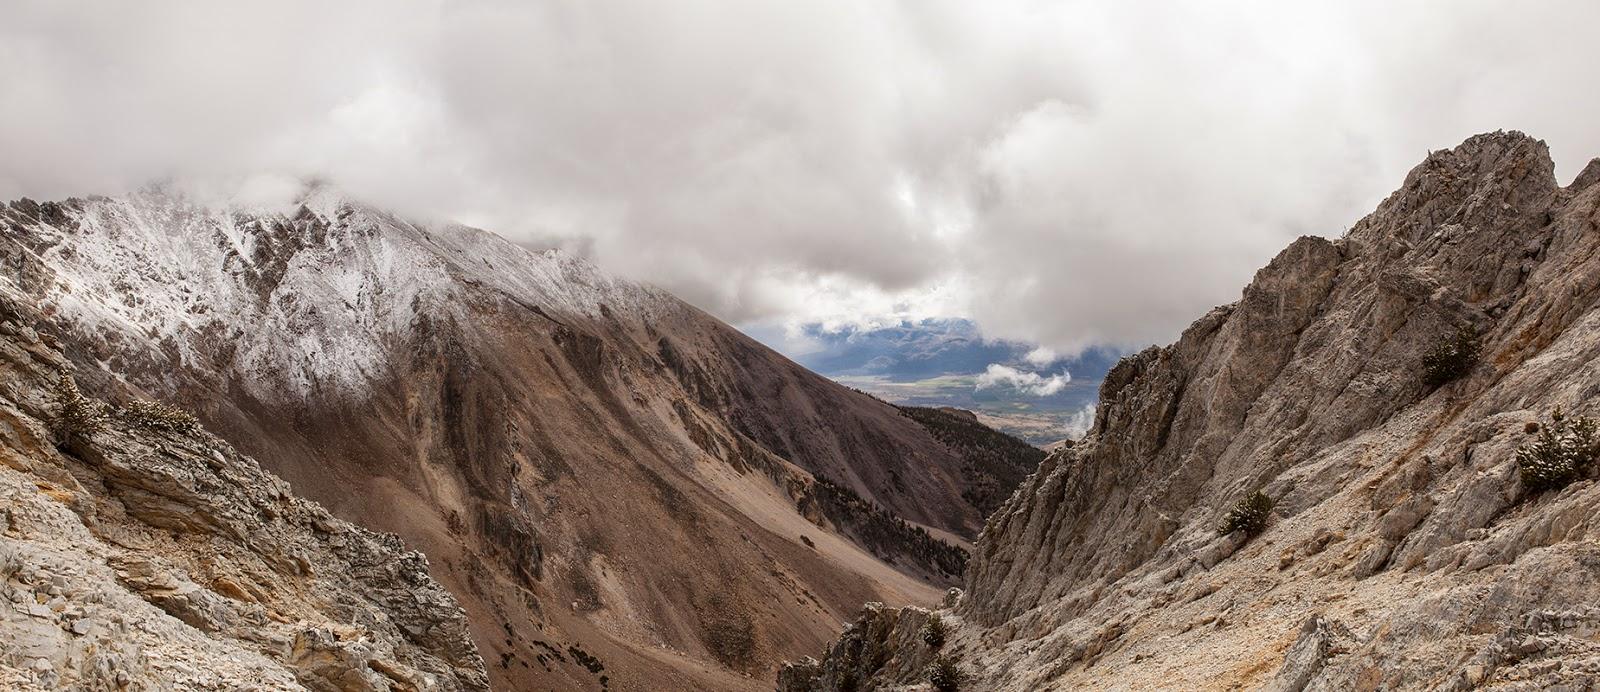 Climbing Mount Idaho, Idaho